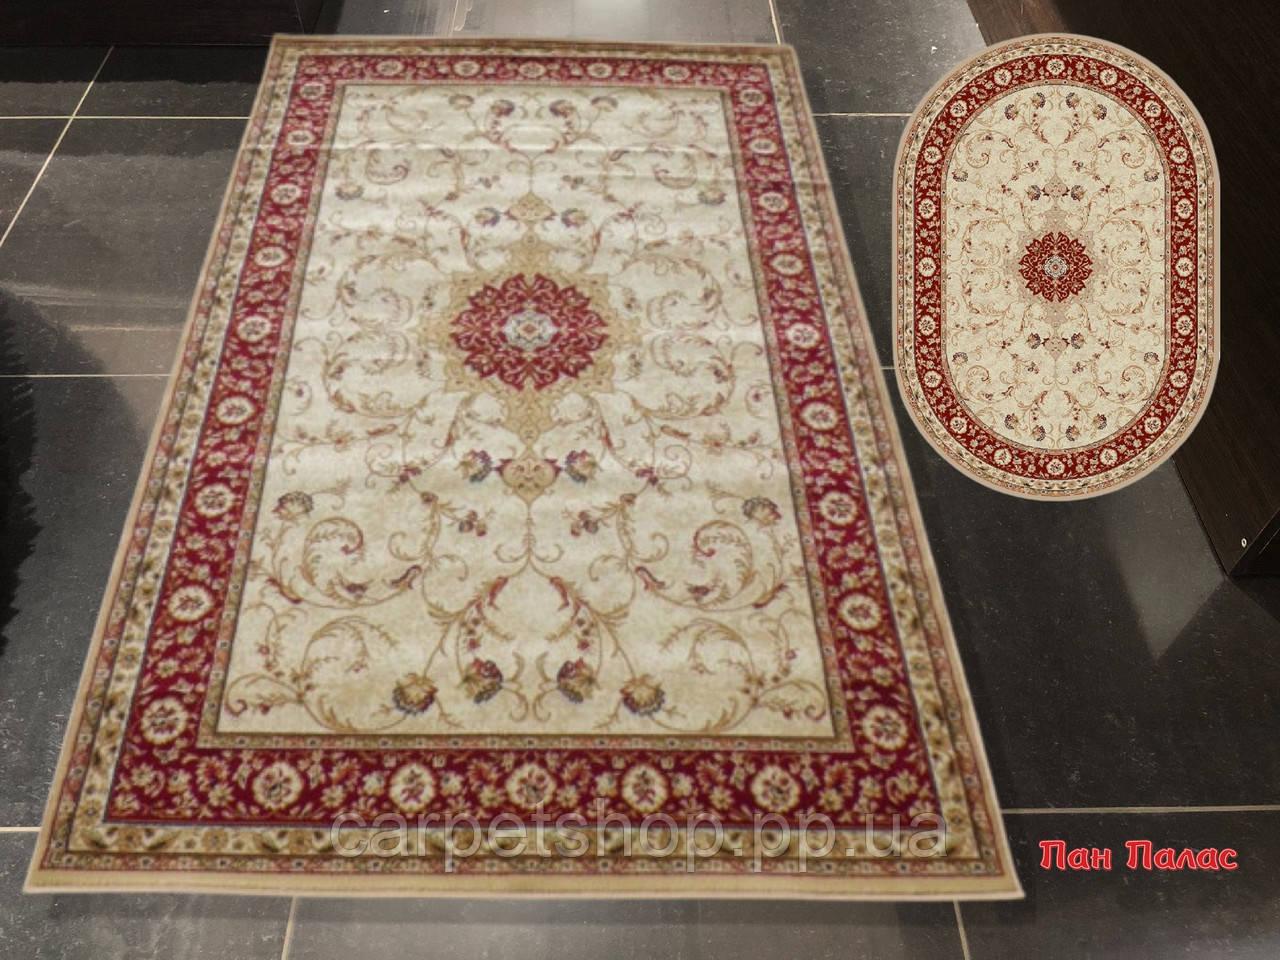 1,6х2,3 м. Ковер Lotos 523/120 (бежевый с красным), фабрика Karat carpet Украина.